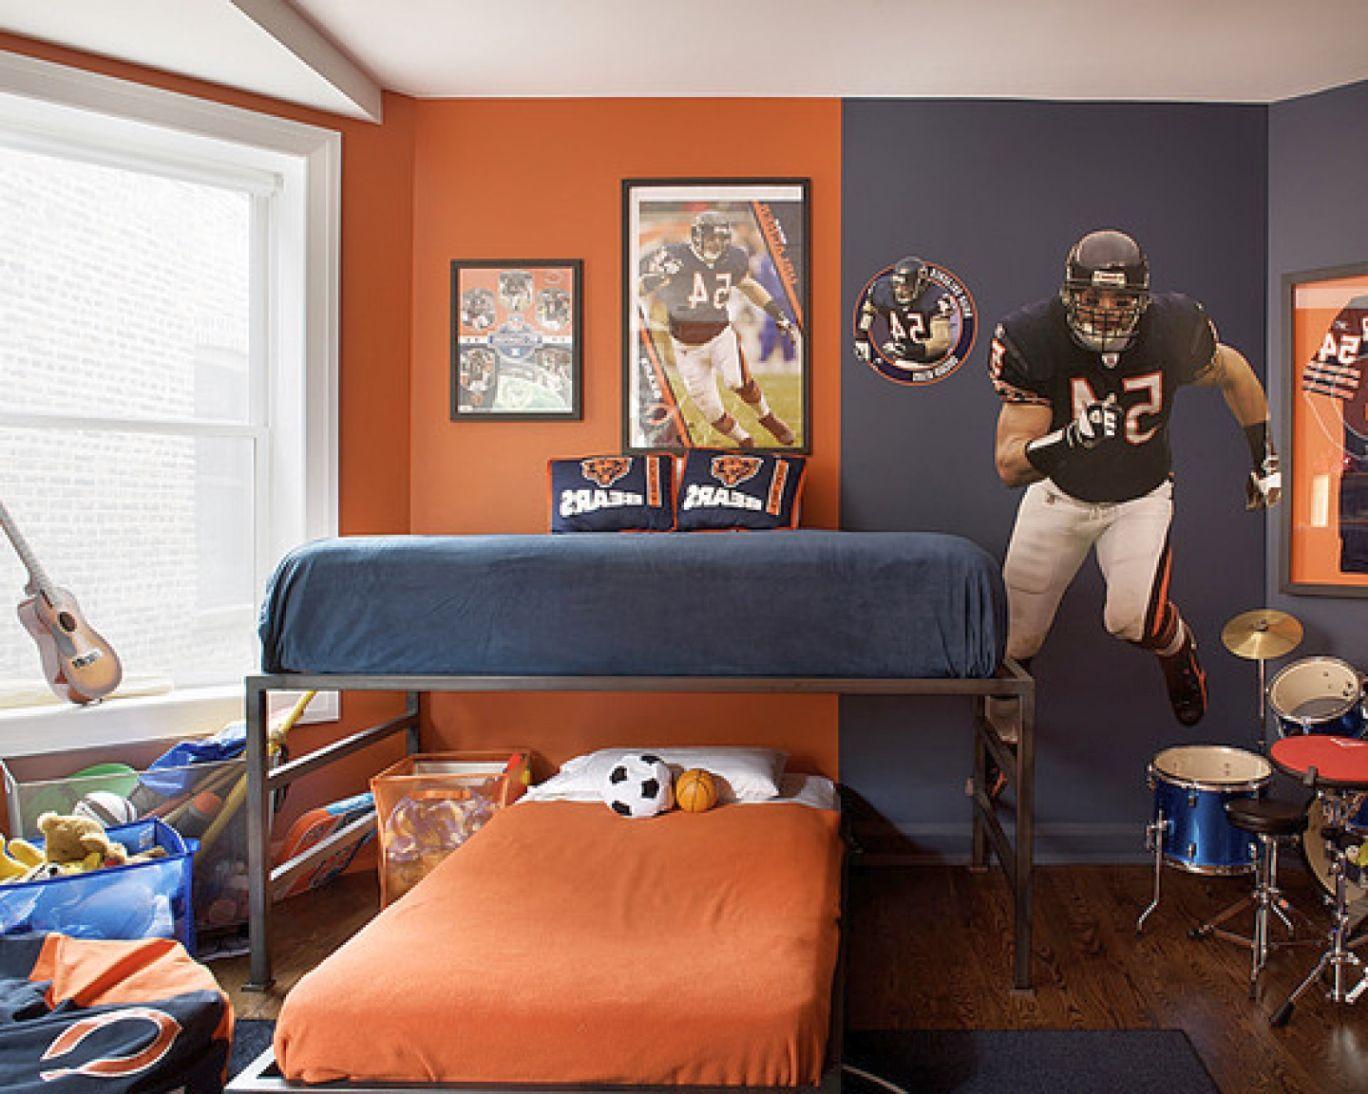 Sporty American Fottbal Themed Room Decor Ideas for Teenage Boys ...